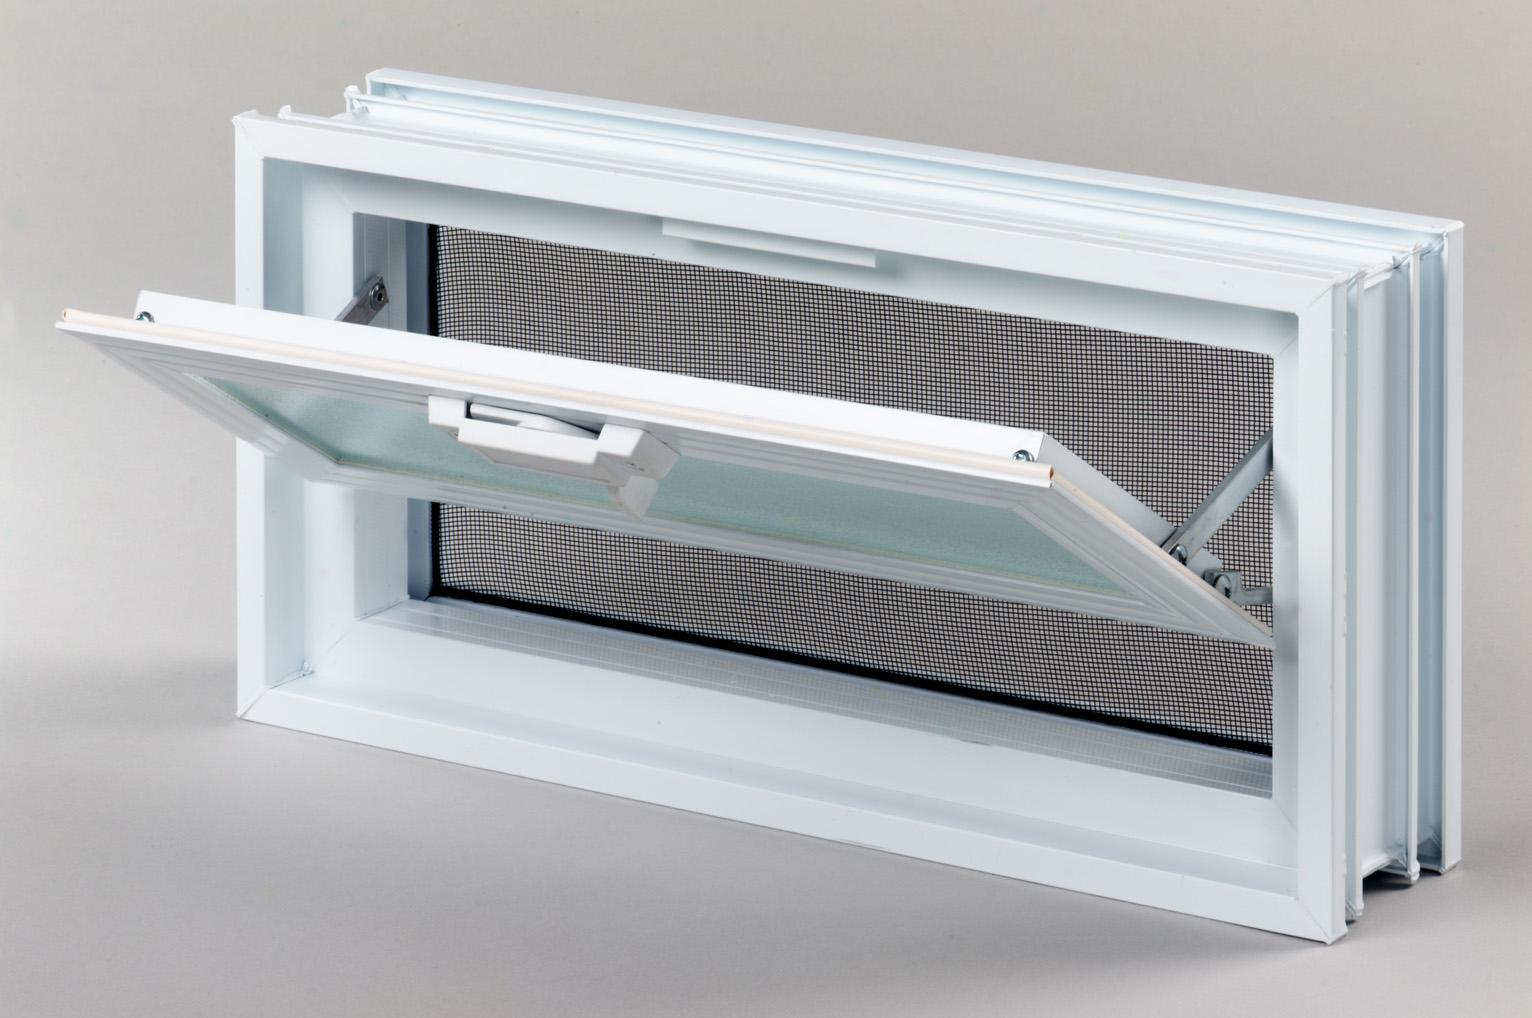 Okna wentylacyjne do pustaków szklanych luksferów są w ofercie firmy Glasspol.pl od początku działalności firmy, Jesteśm